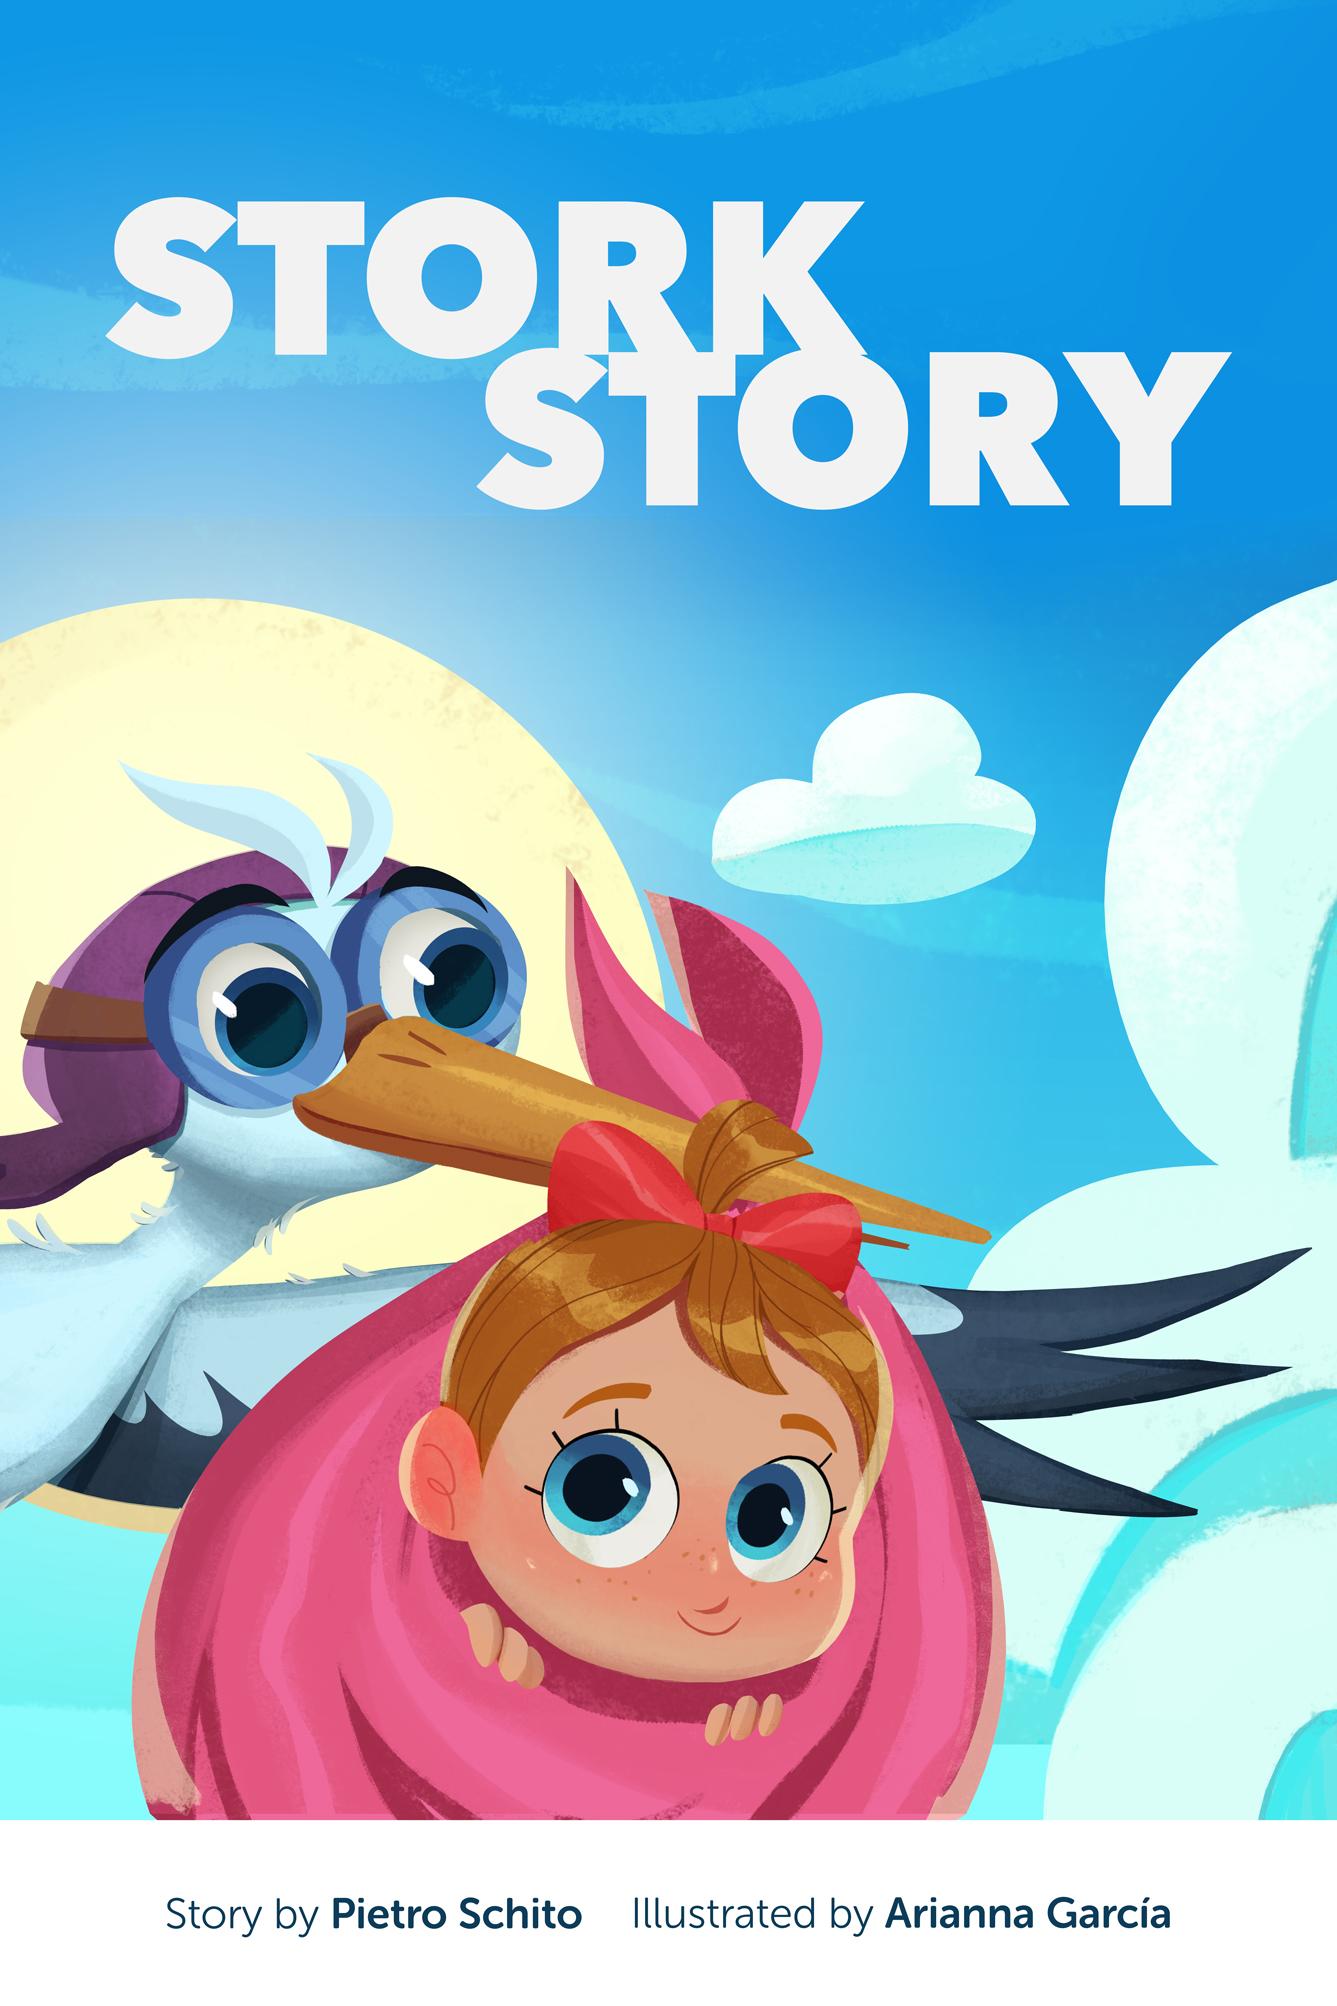 Stork-Story-Poster.jpg